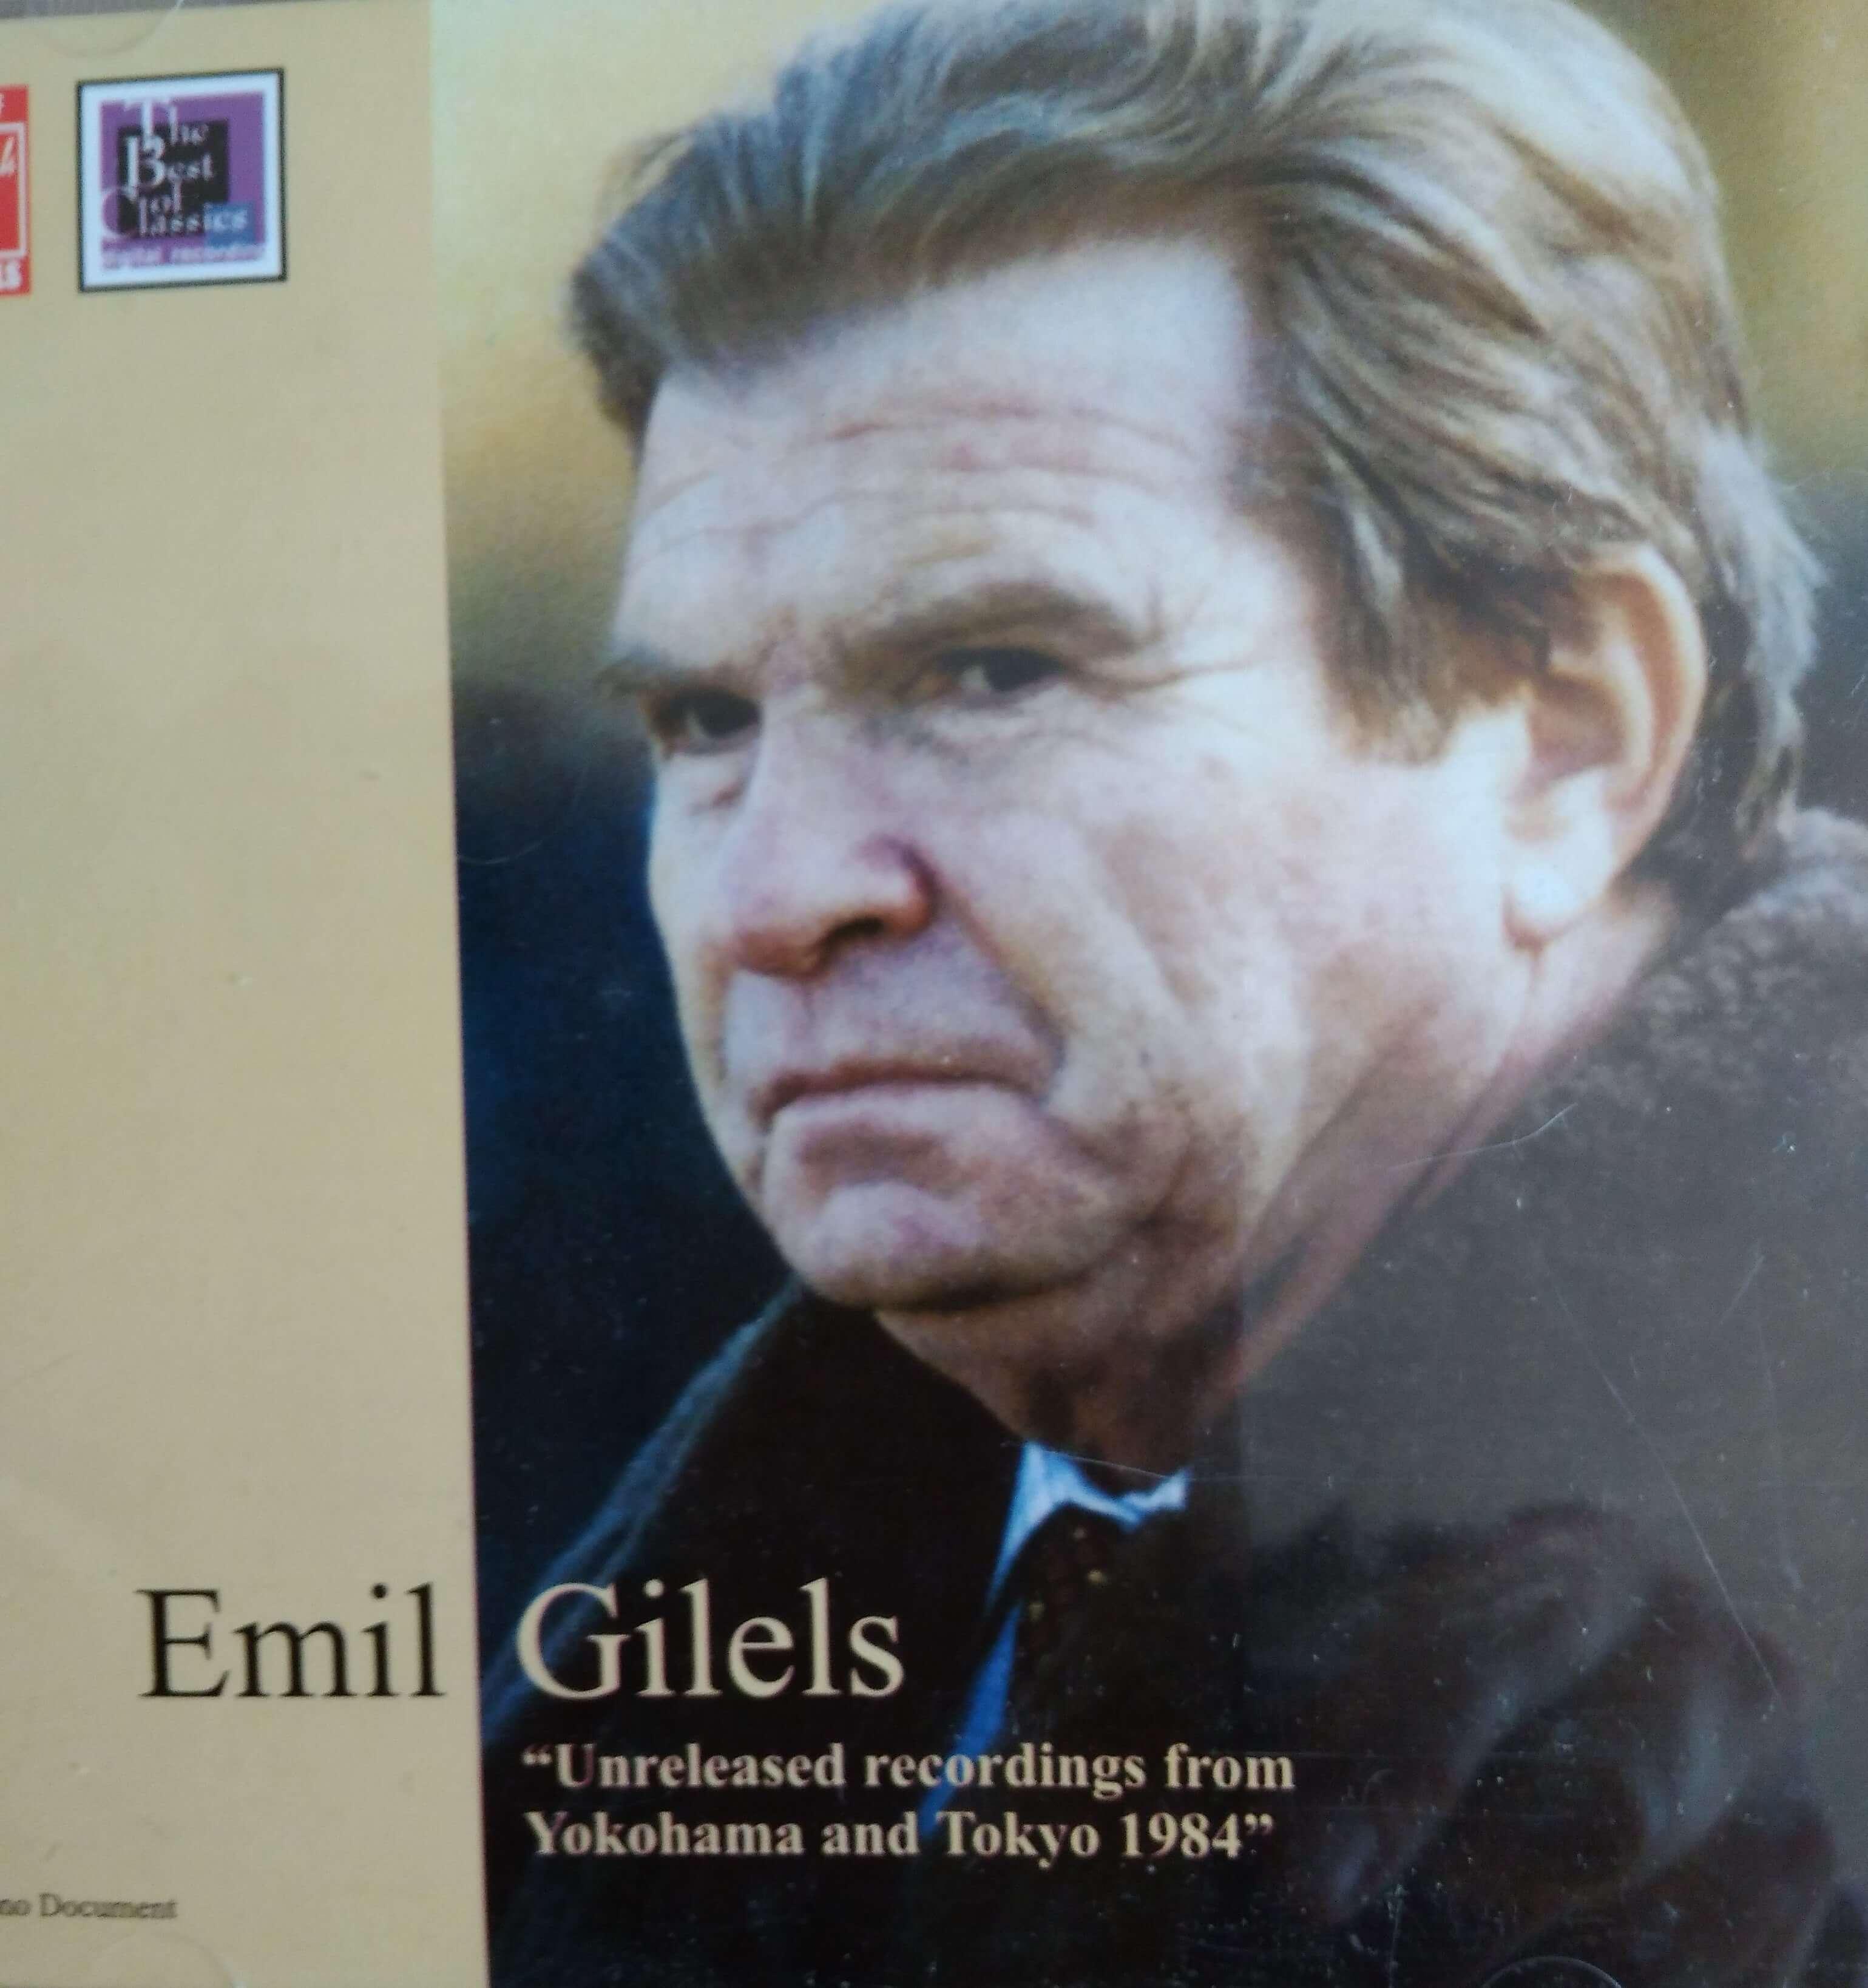 Гилельс. Фотография с обложки компакт-диска (Япония, 1984)